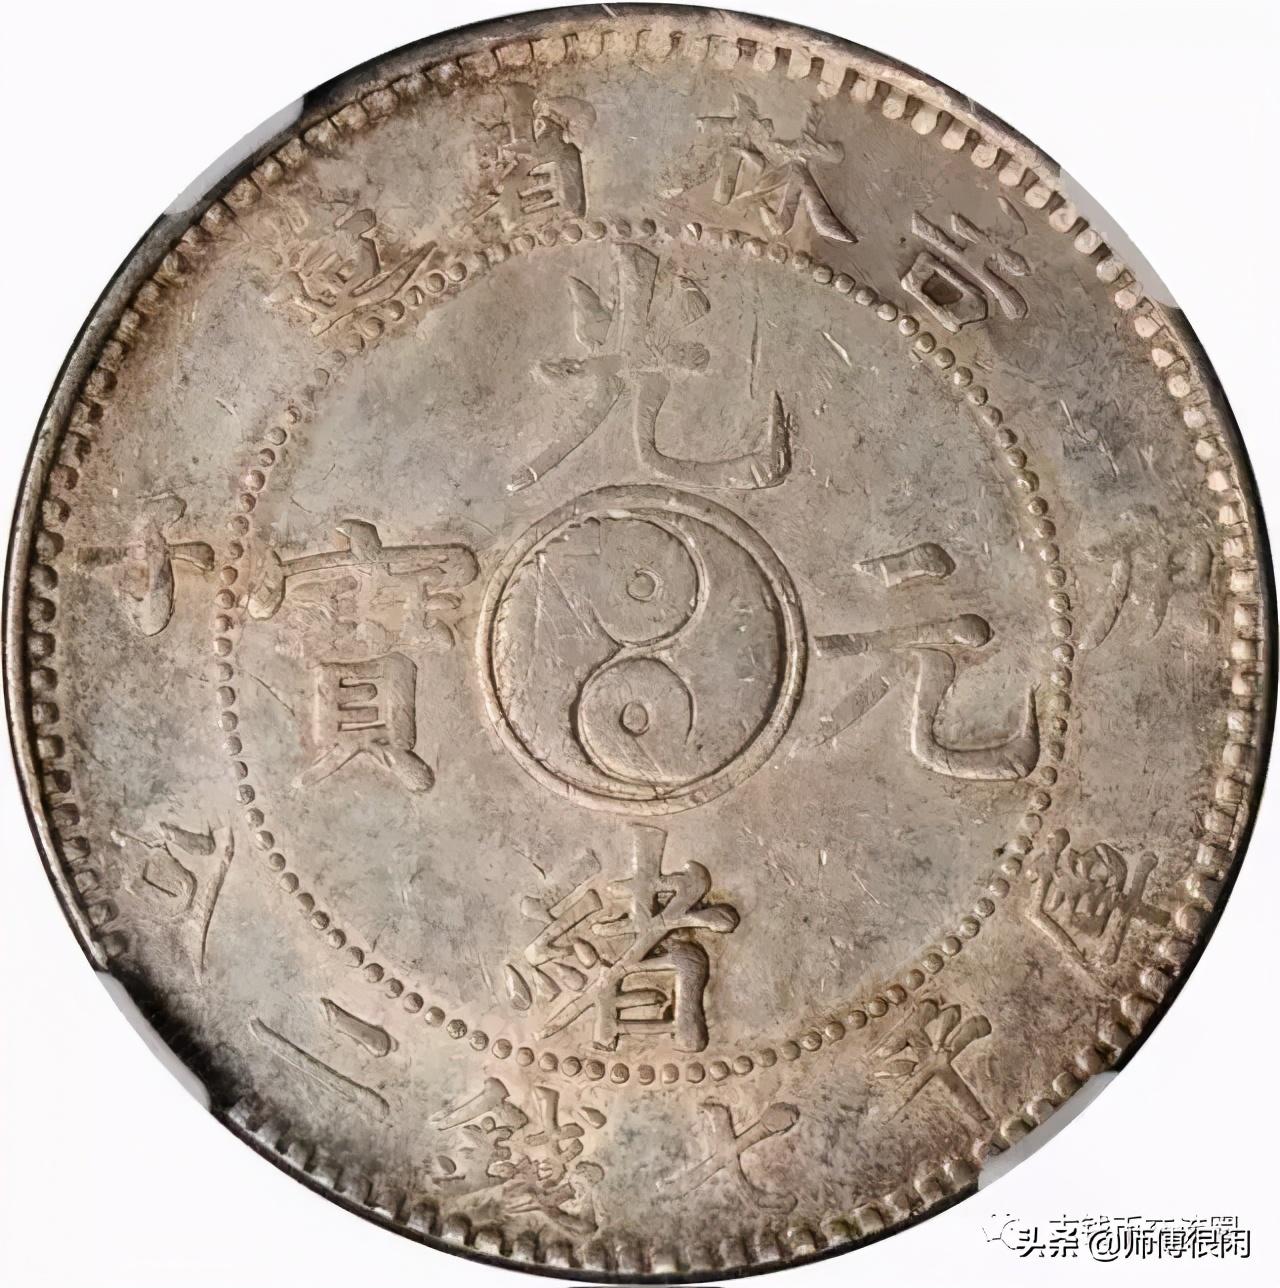 机制银币发行史(赶紧收藏)